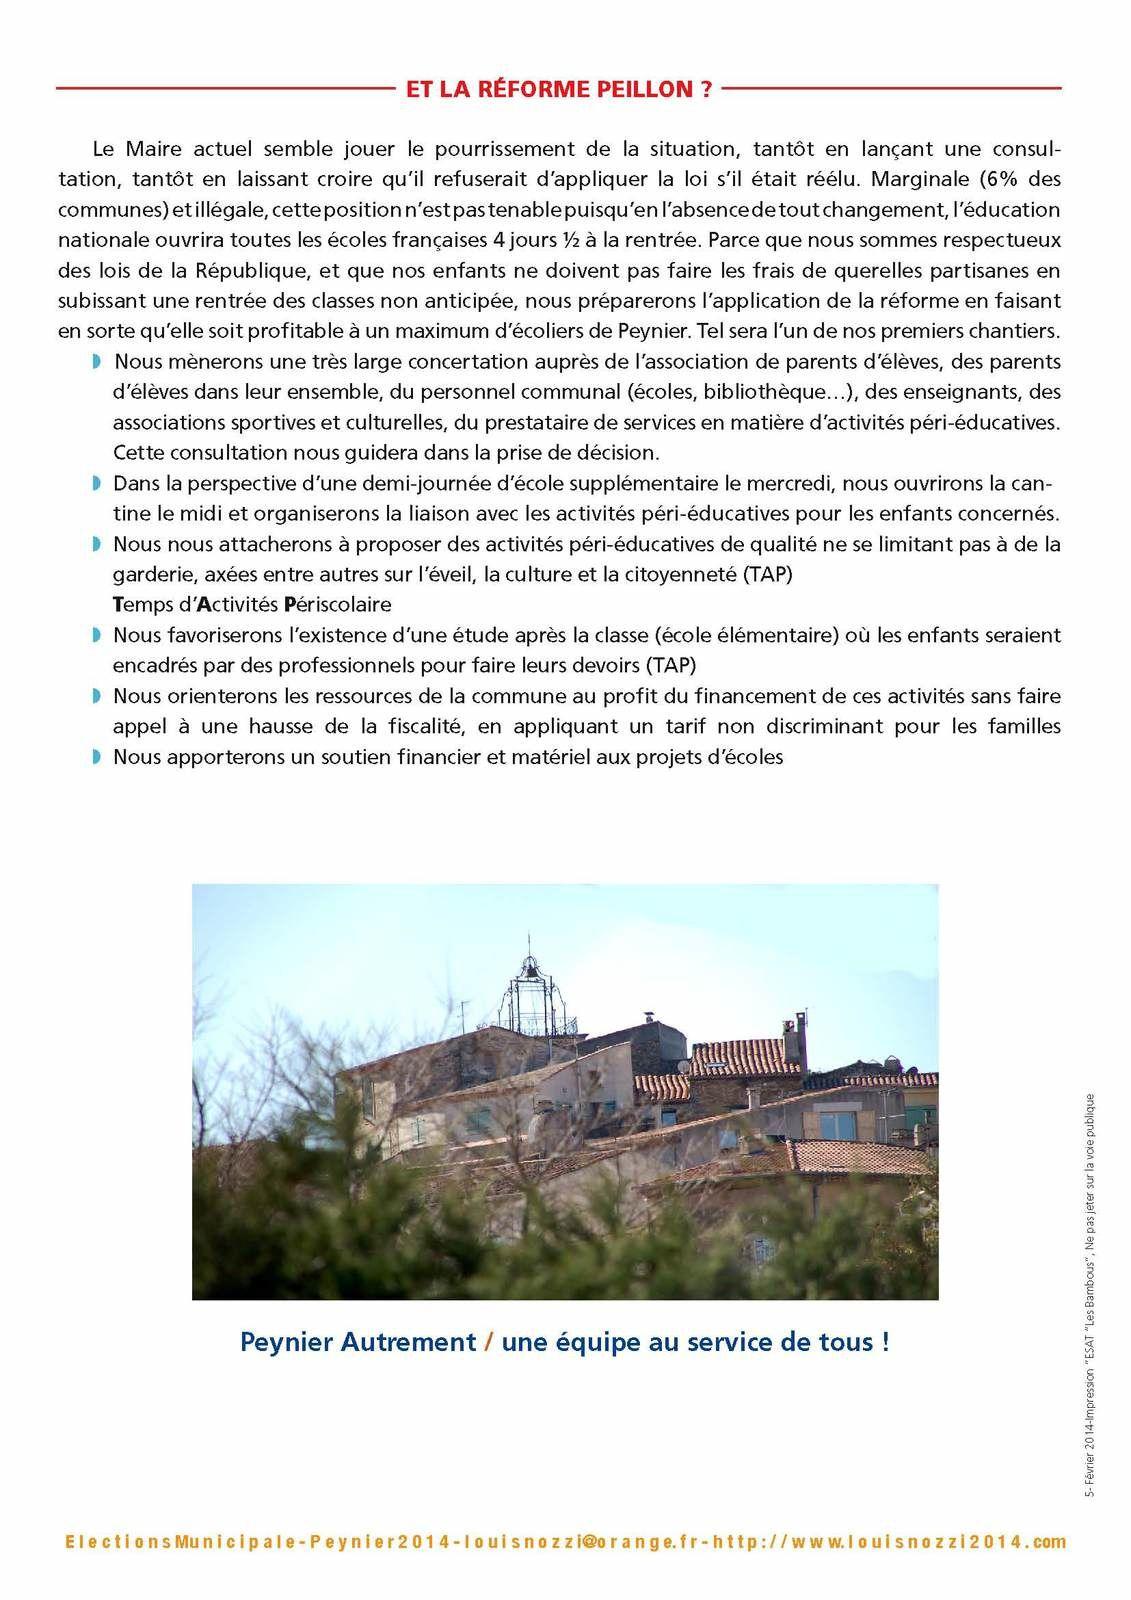 Réforme Peillon : le maire prend en otage les enfants de Peynier